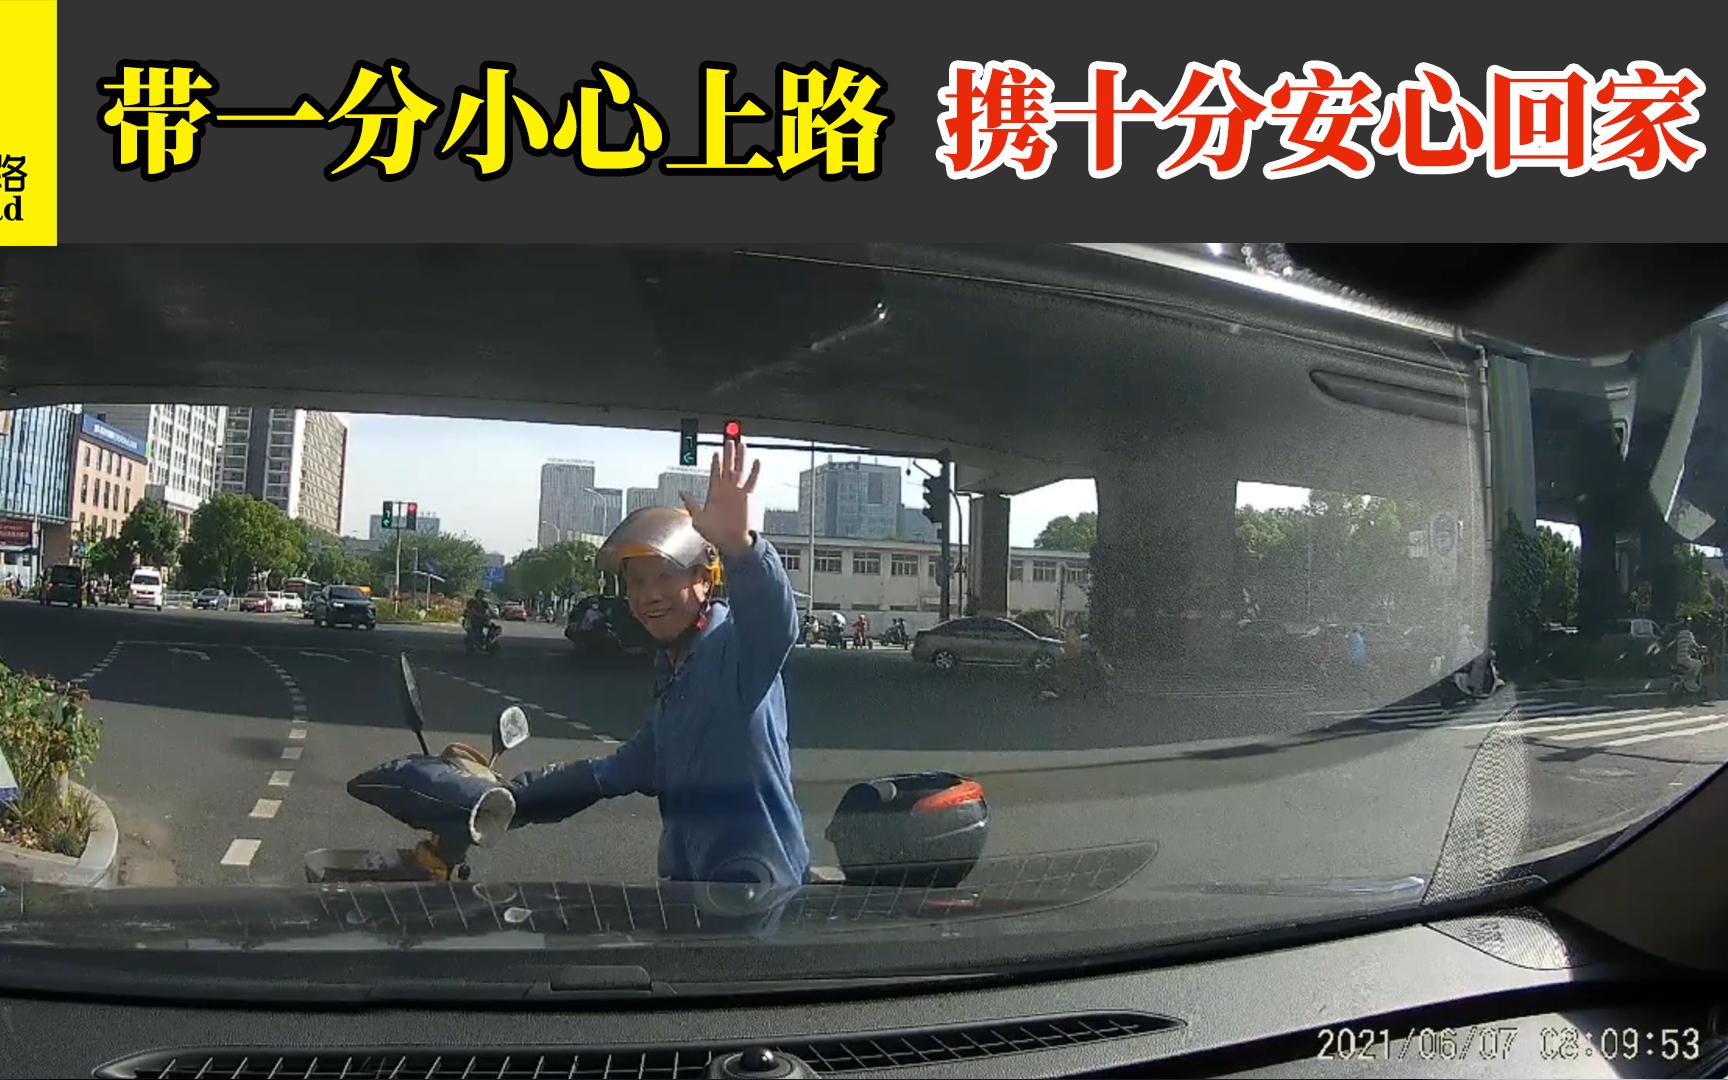 2021交通事故(82):带一分小心上路,携十分安心回家